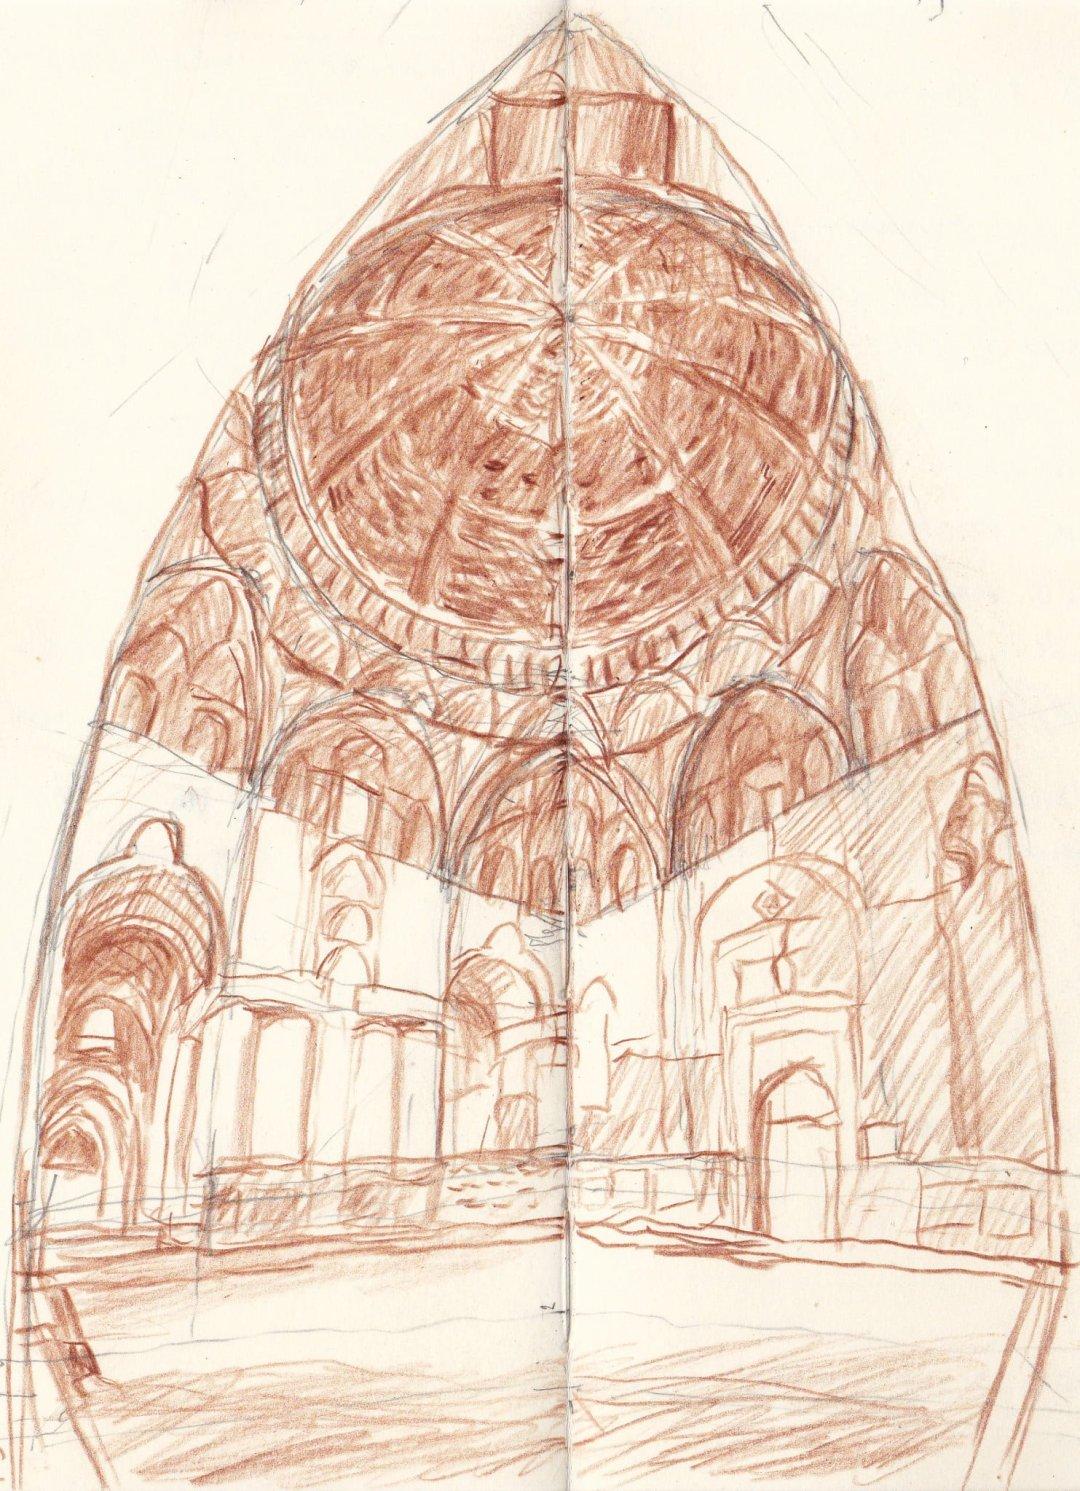 Esfahan Nizam al Molk kuppel / cupola DB 149 2015